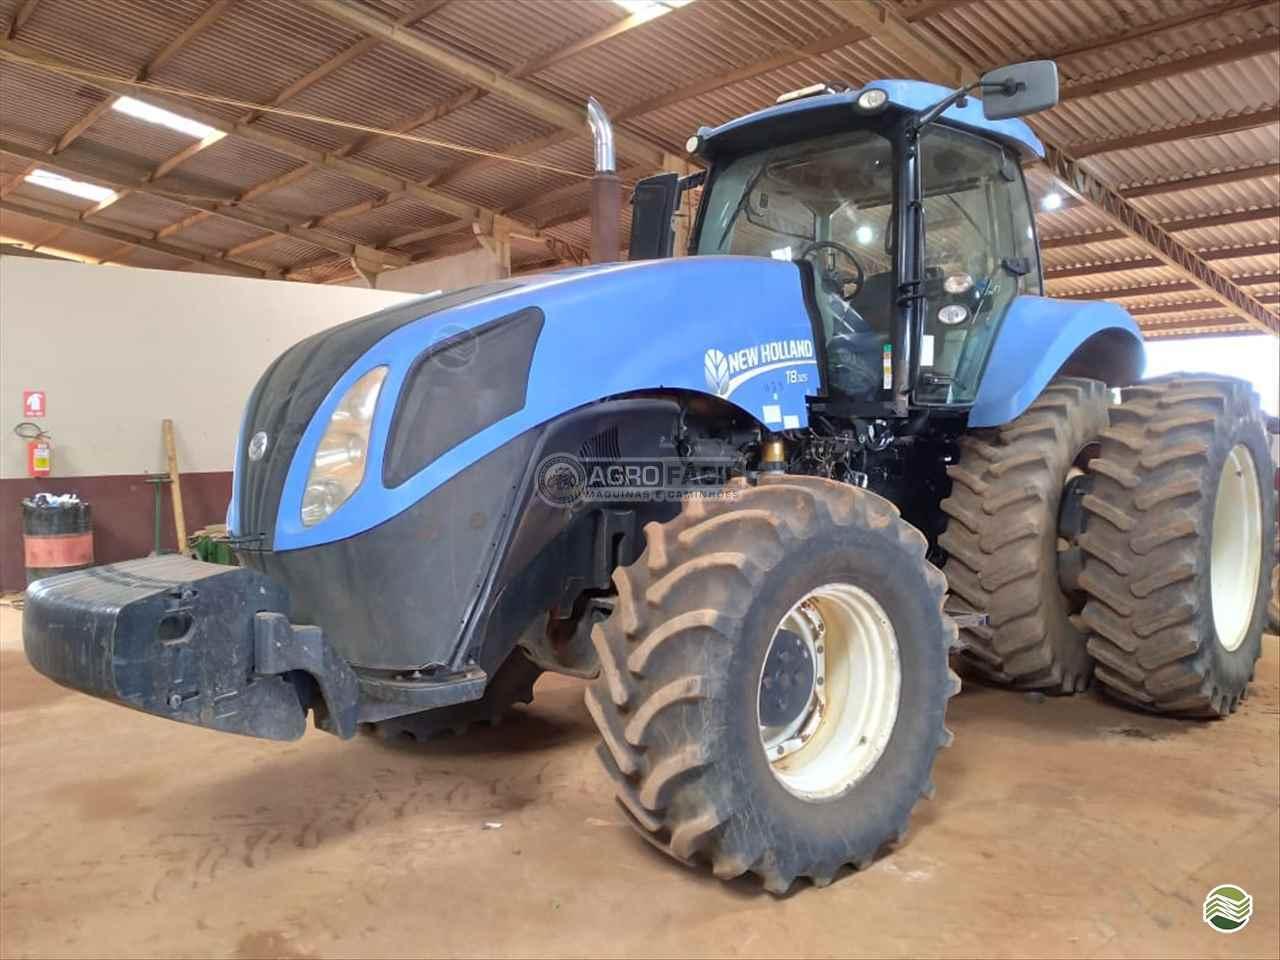 TRATOR NEW HOLLAND NEW T8 325 Tração 4x4 Agro Fácil Máquinas PRIMAVERA DO LESTE MATO GROSSO MT